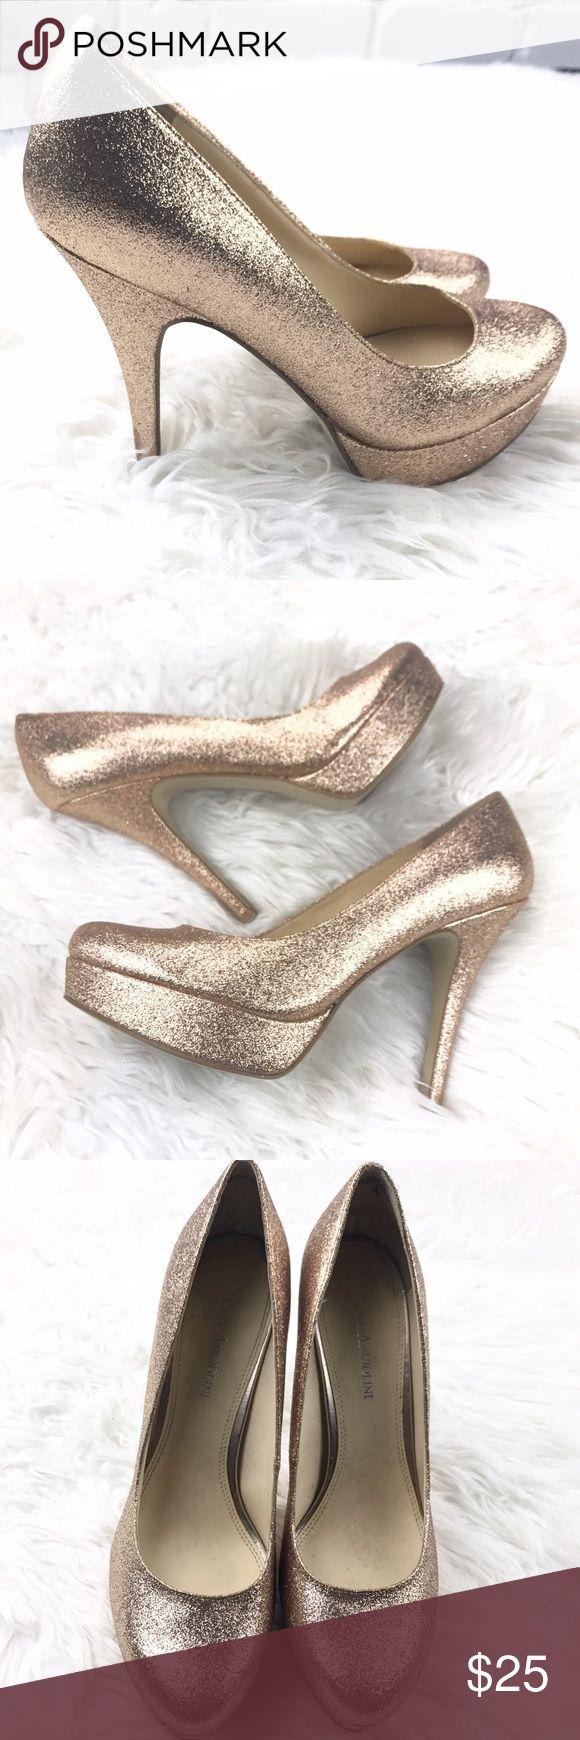 """💕SALE💕Enzo Angiolini Sparkle Gold Stiletto Heels Fabulous 💕Enzo Angiolini Sparkle Gold Stiletto 5"""" Heels Great Condition Enzo Angiolini Shoes Heels"""